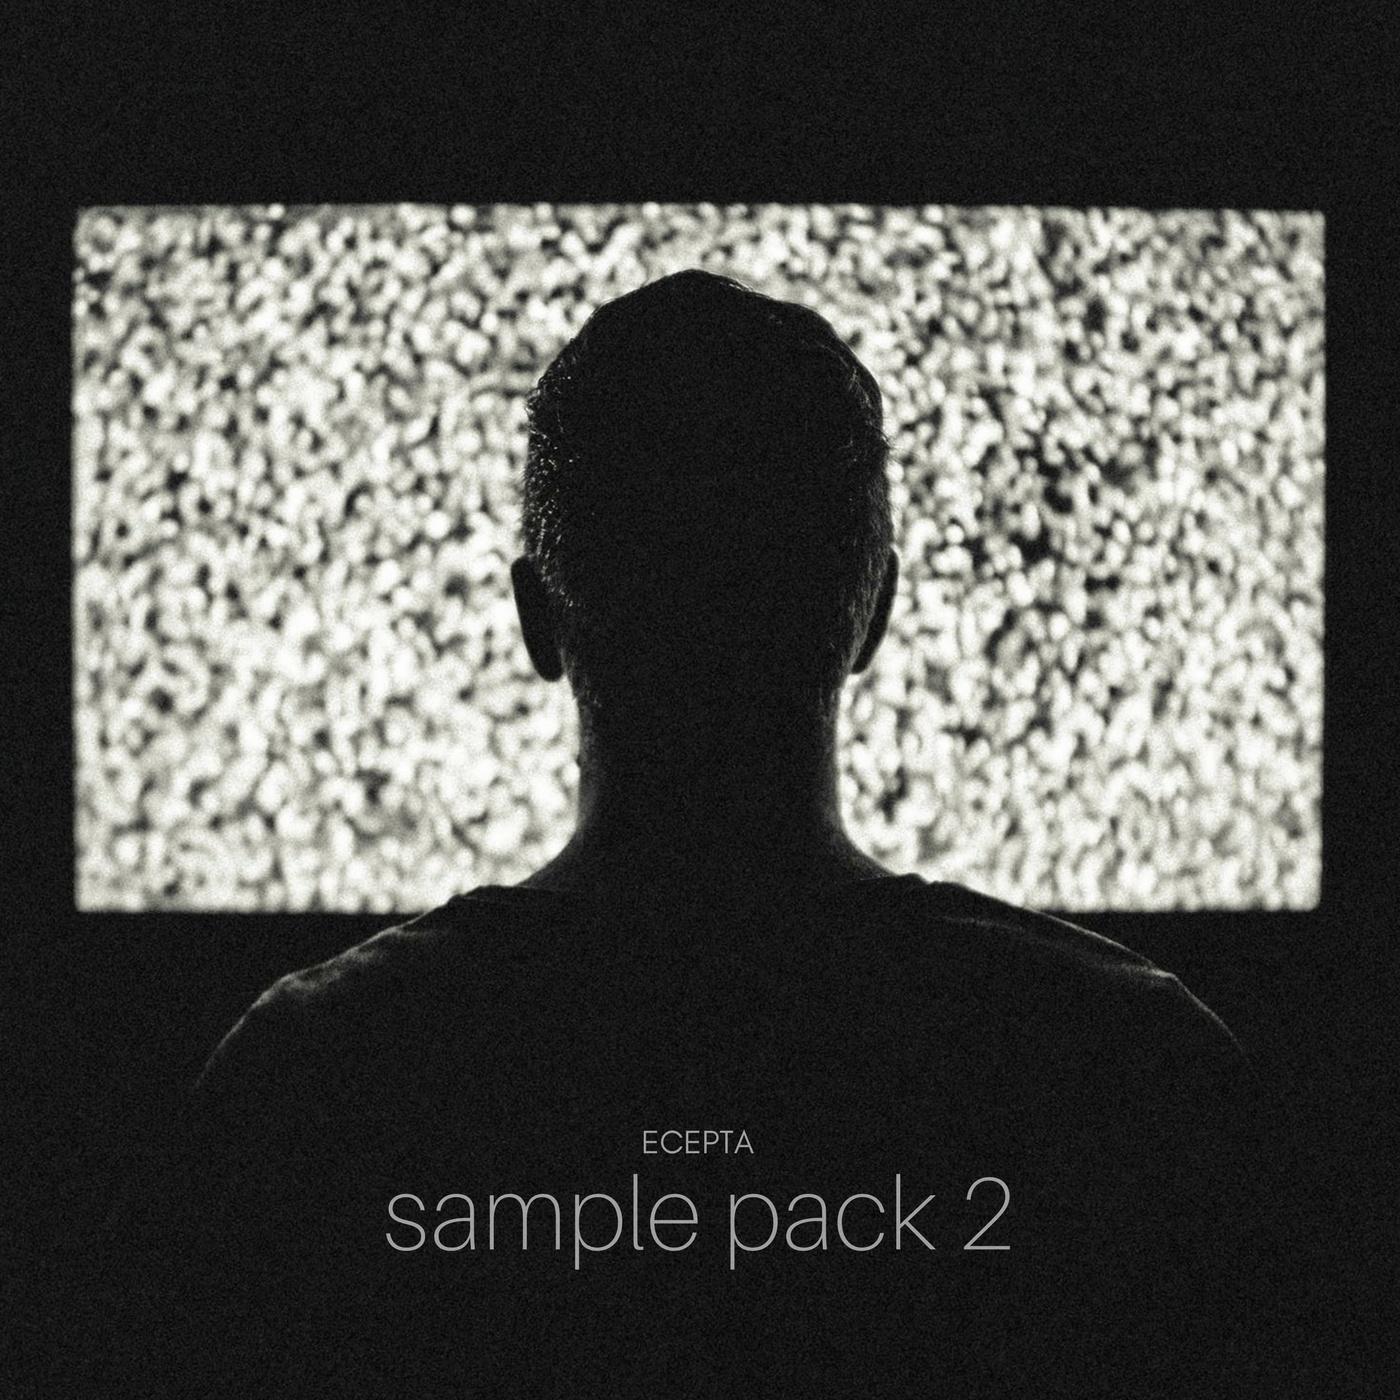 Ecepta Sample Pack 2